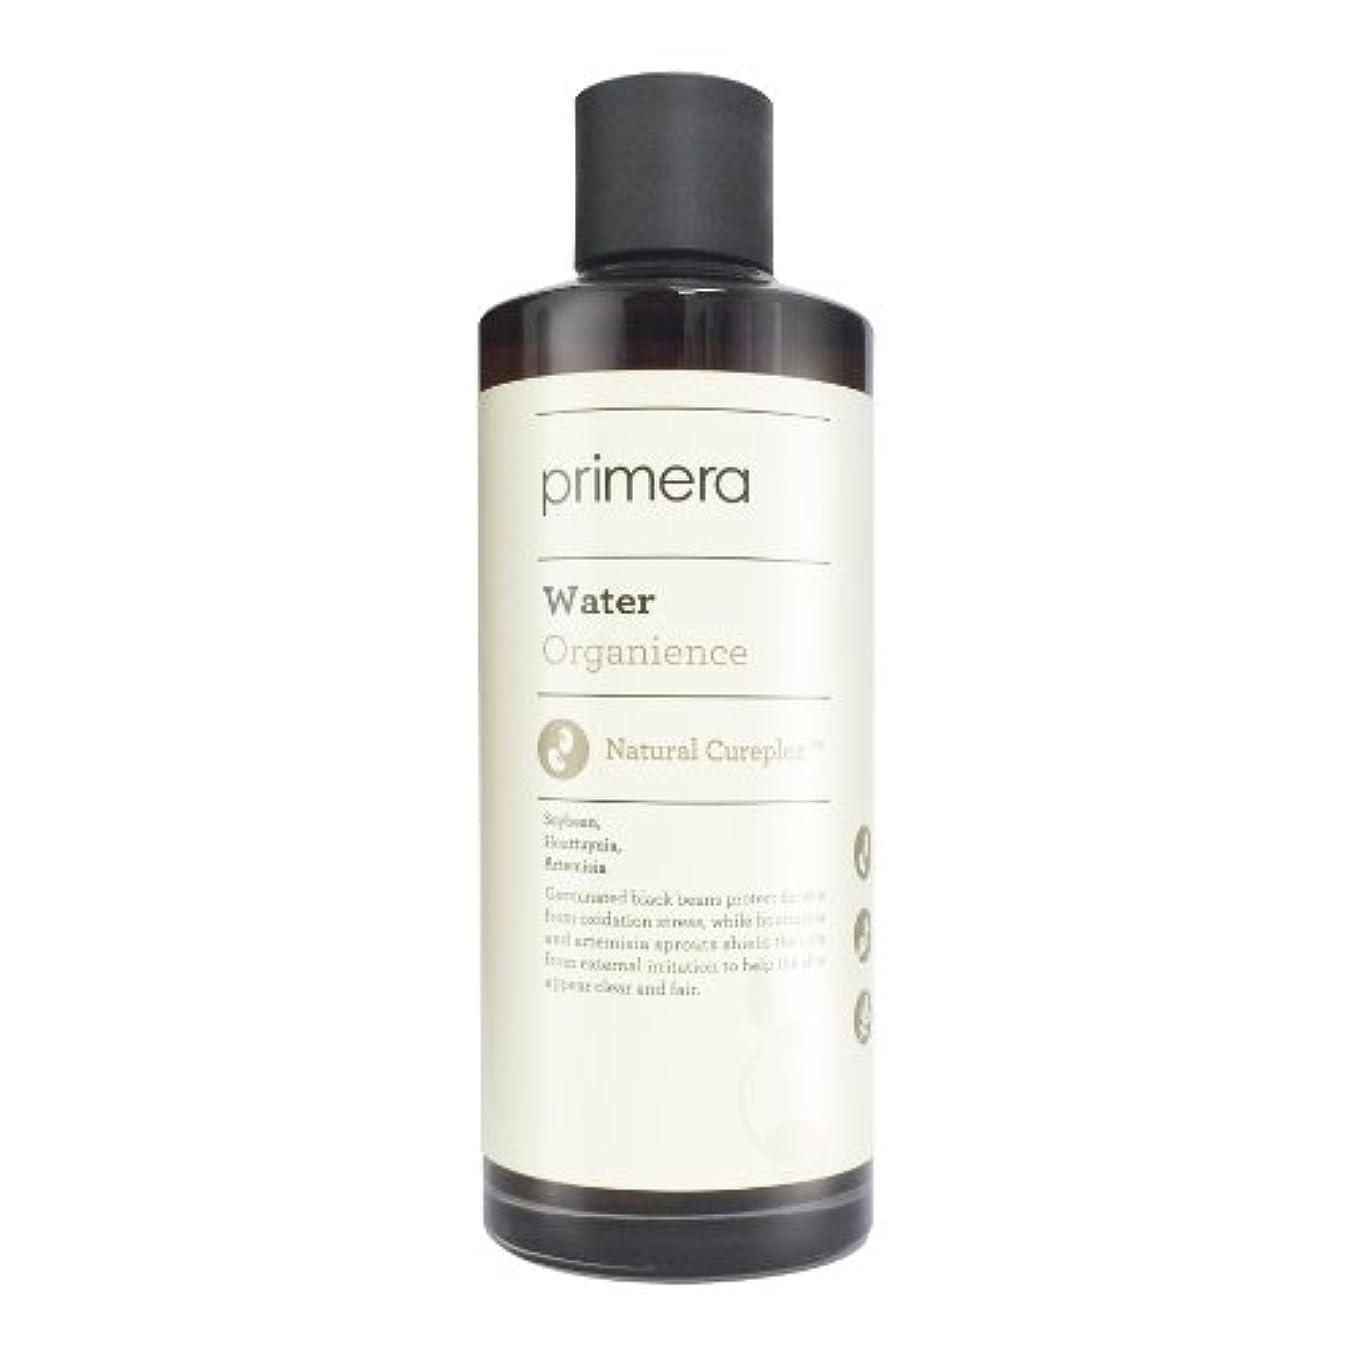 安心させる状態クレジットPrimera/プリメラ オーガニエンスウォーター180ml(Organience water)